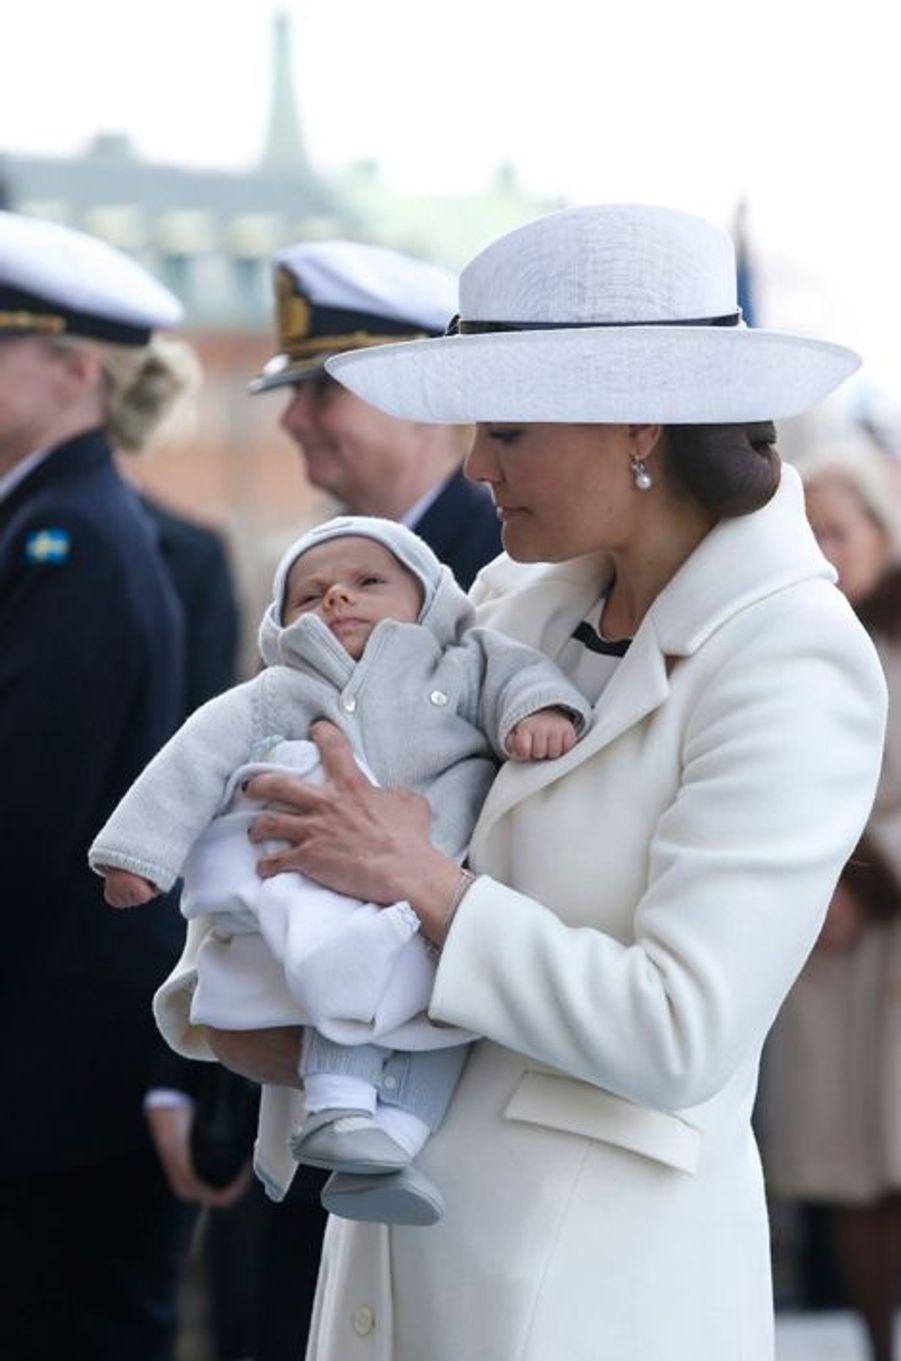 Le prince Oscar dans les bras de sa maman la princesse Victoria de Suède à Stockholm, le 30 avril 2016